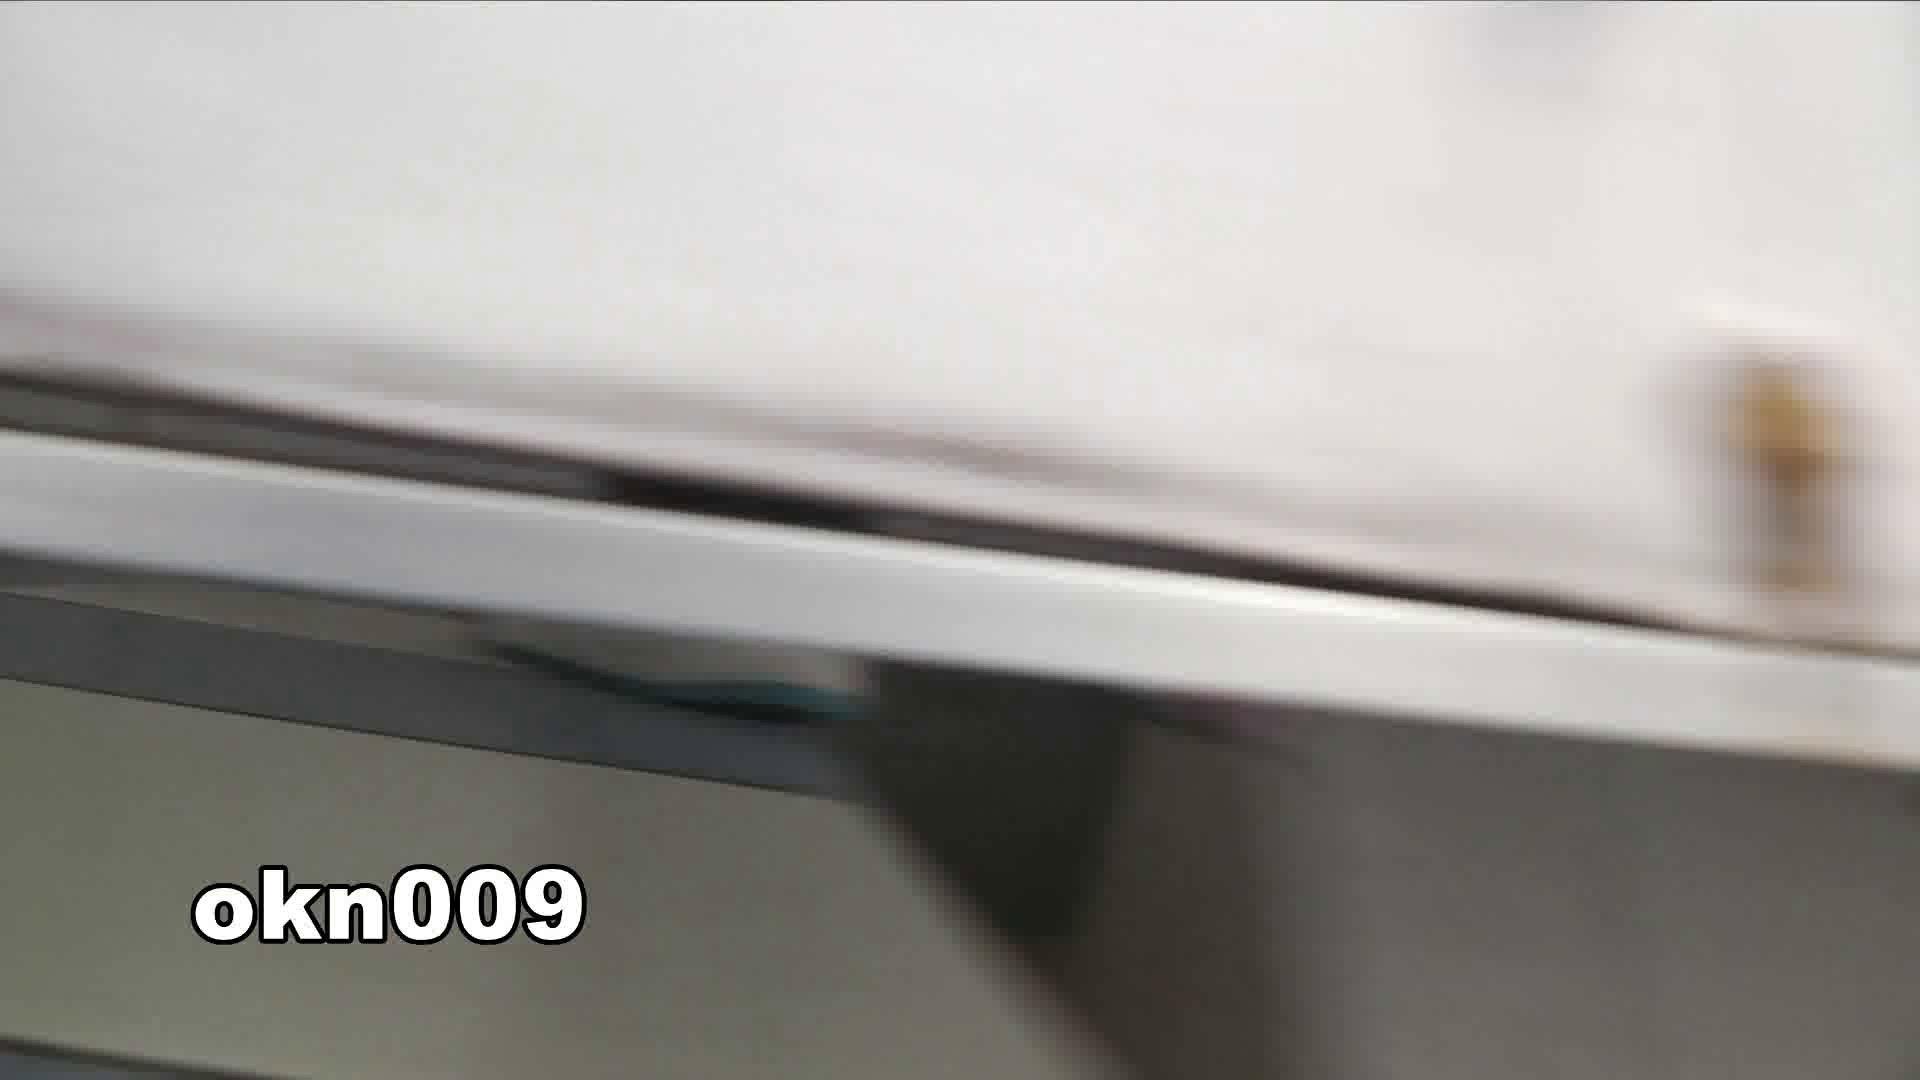 下からノゾム vol.009 リキンでモリアガった割にヒョロ 洗面所 | 丸見えマンコ  55画像 44